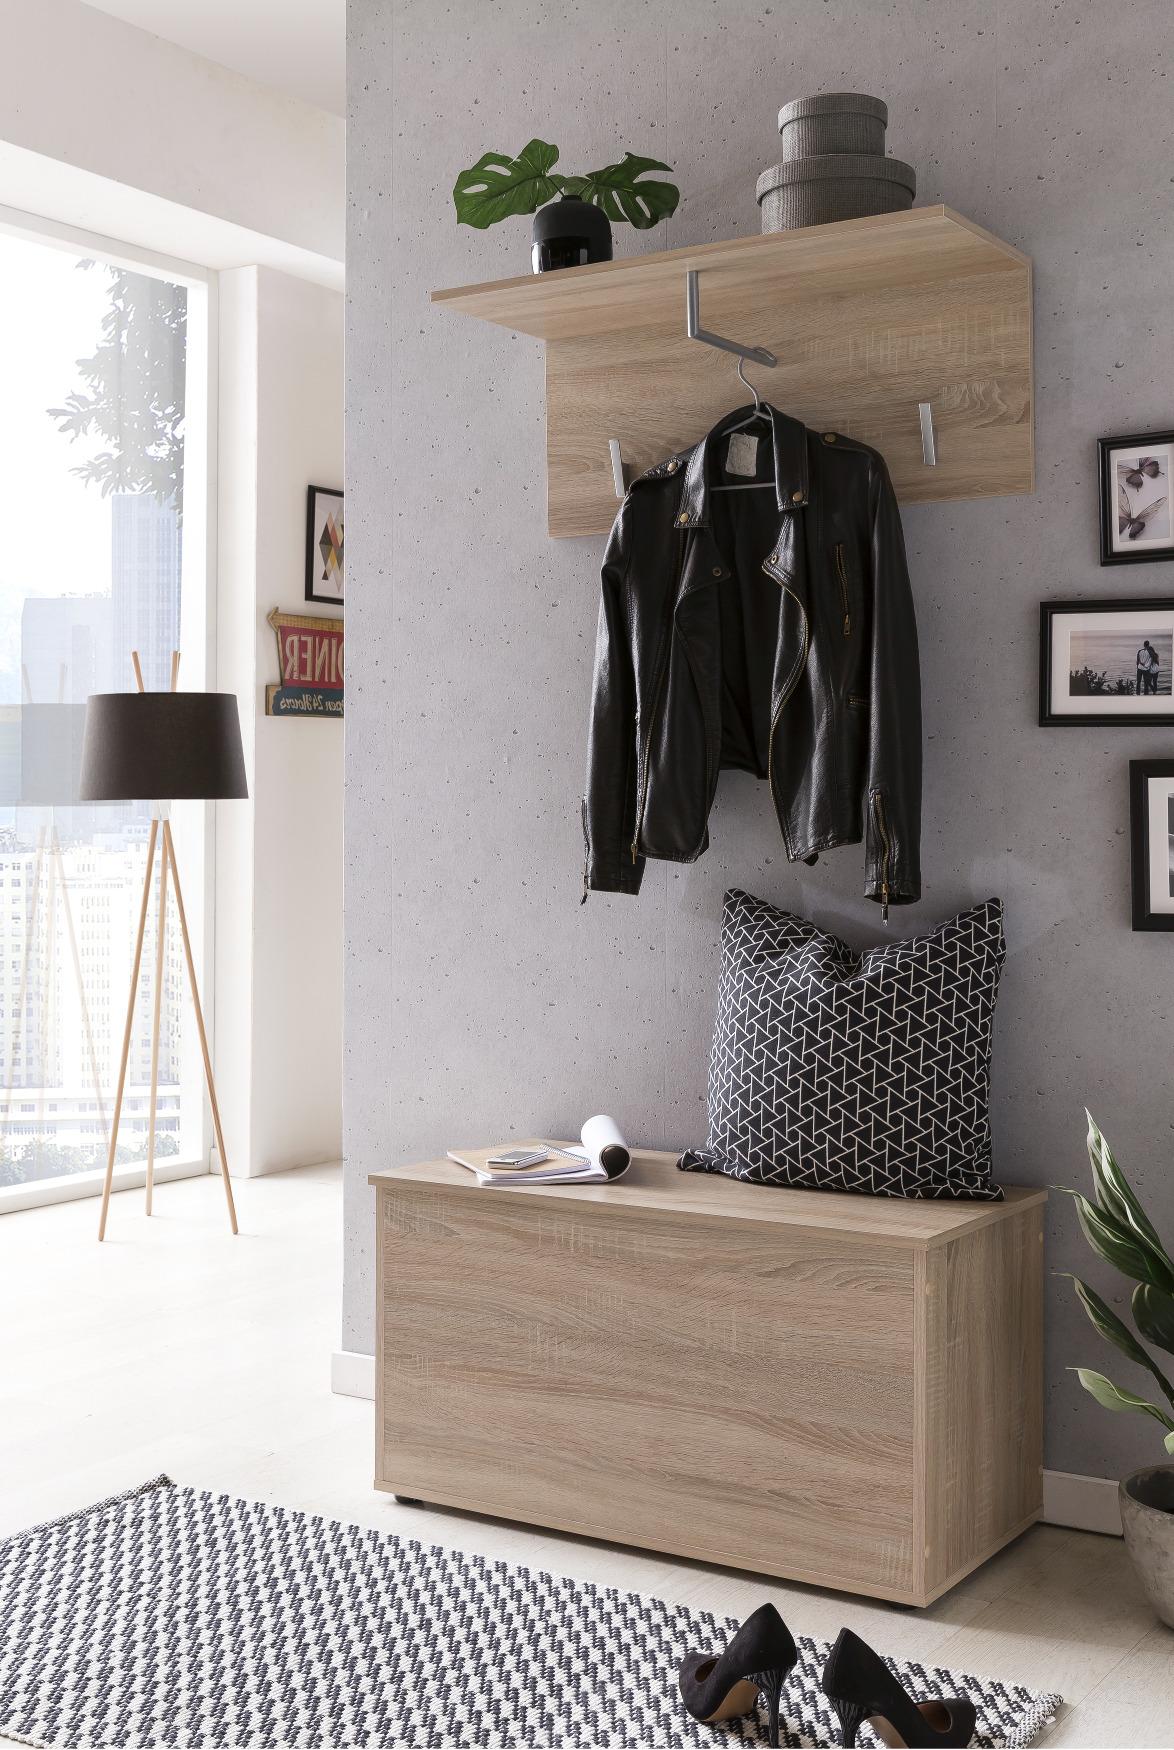 garderobenset zoe 2 teilig 84 cm breit eiche sonoma. Black Bedroom Furniture Sets. Home Design Ideas